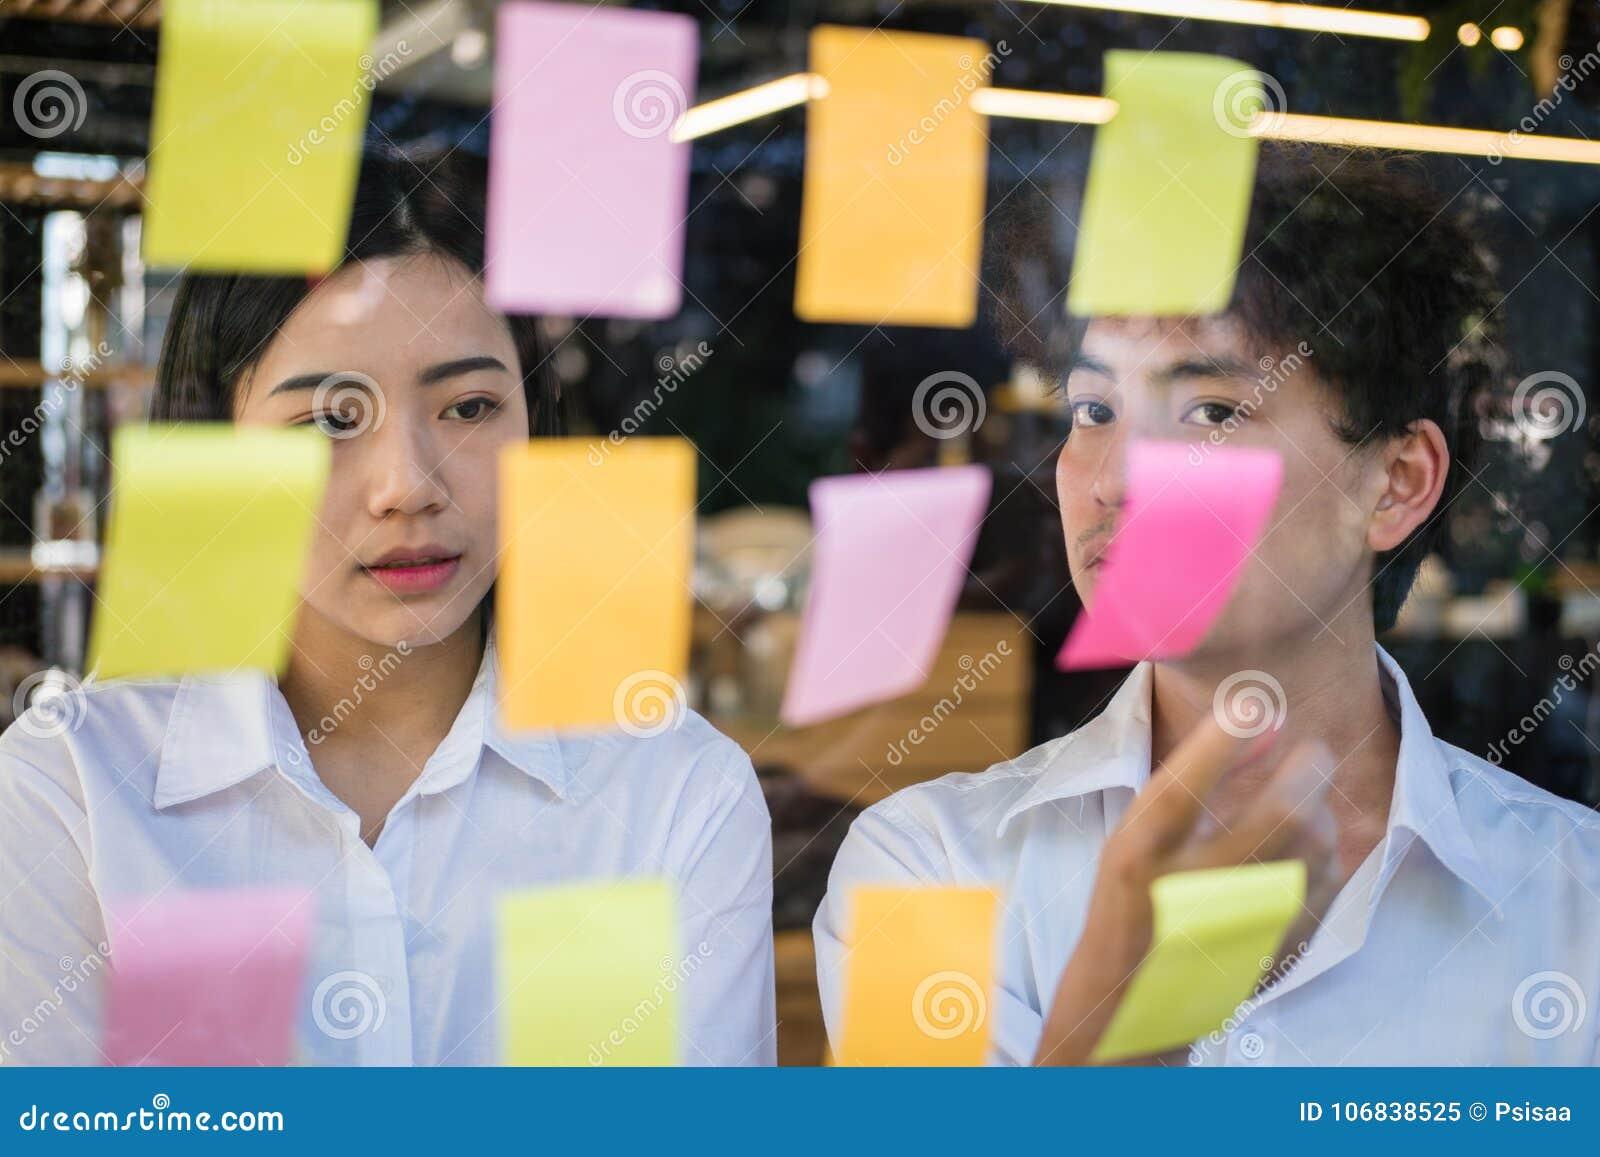 Mężczyzna & kobieta dyskutuje kreatywnie pomysł z adhezyjnymi notatkami na glas